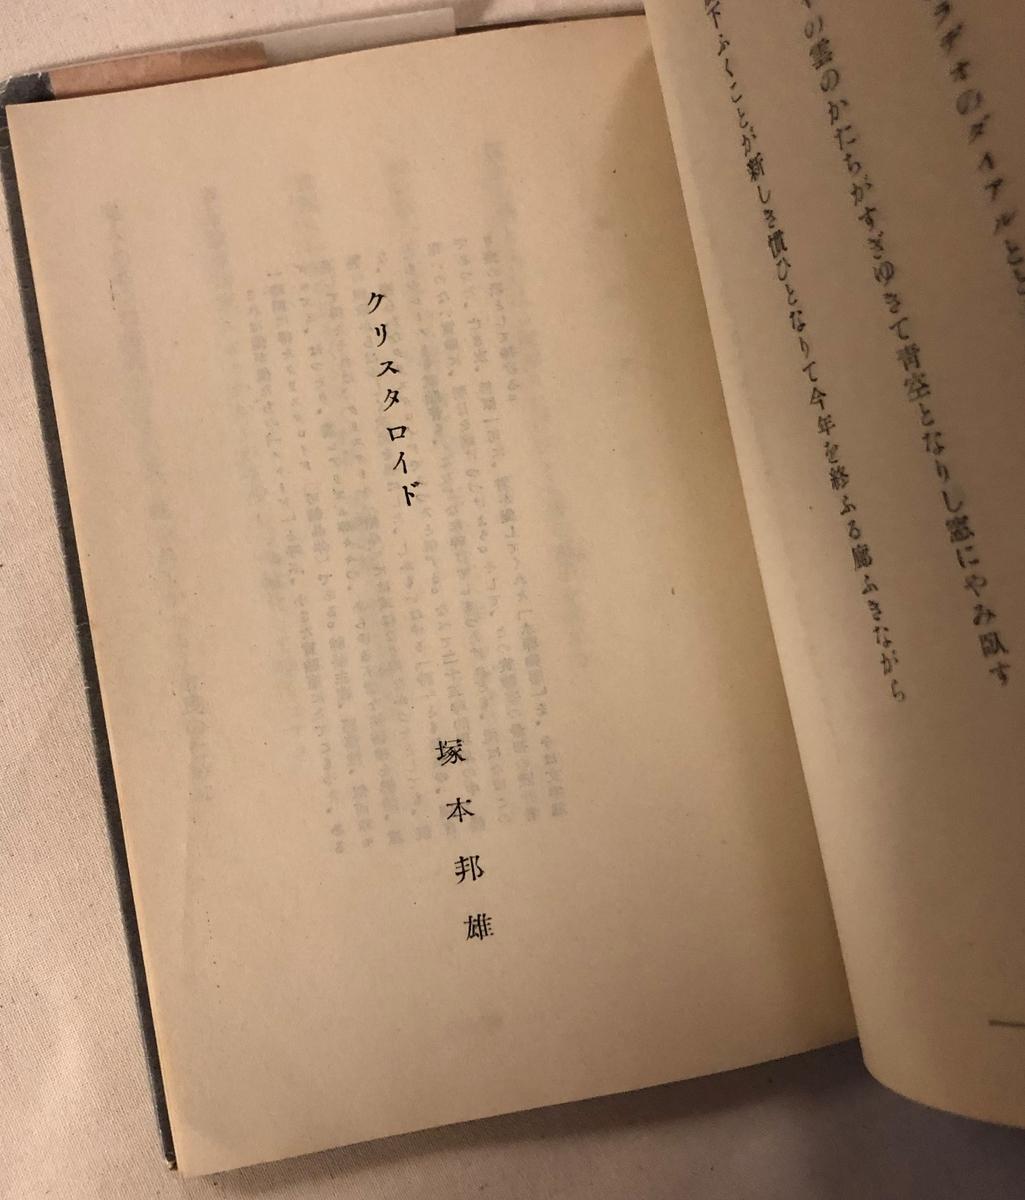 f:id:yomoyamayomoyama:20190414195142j:plain